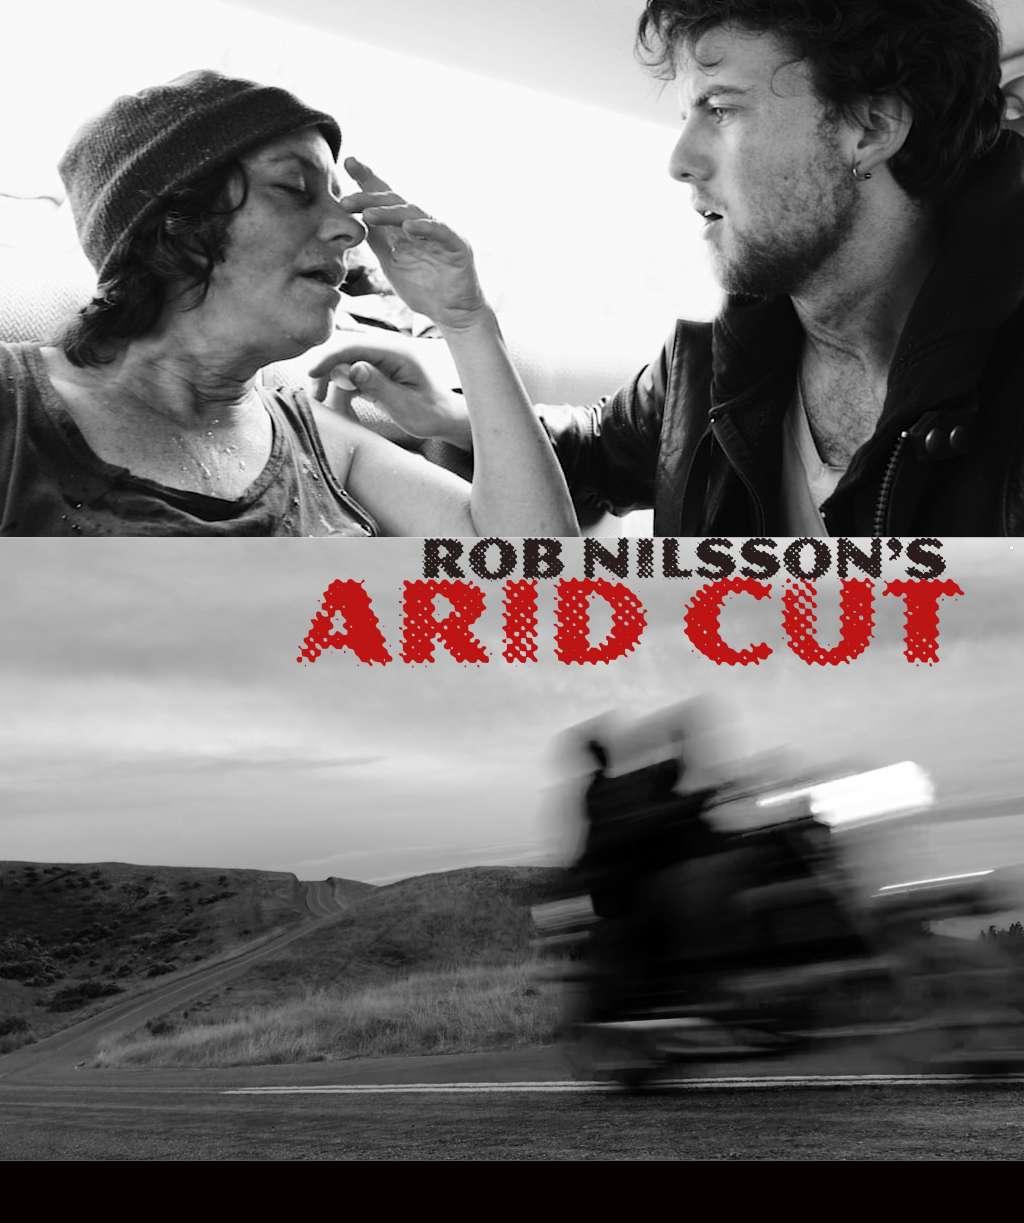 Arid Cut kapak